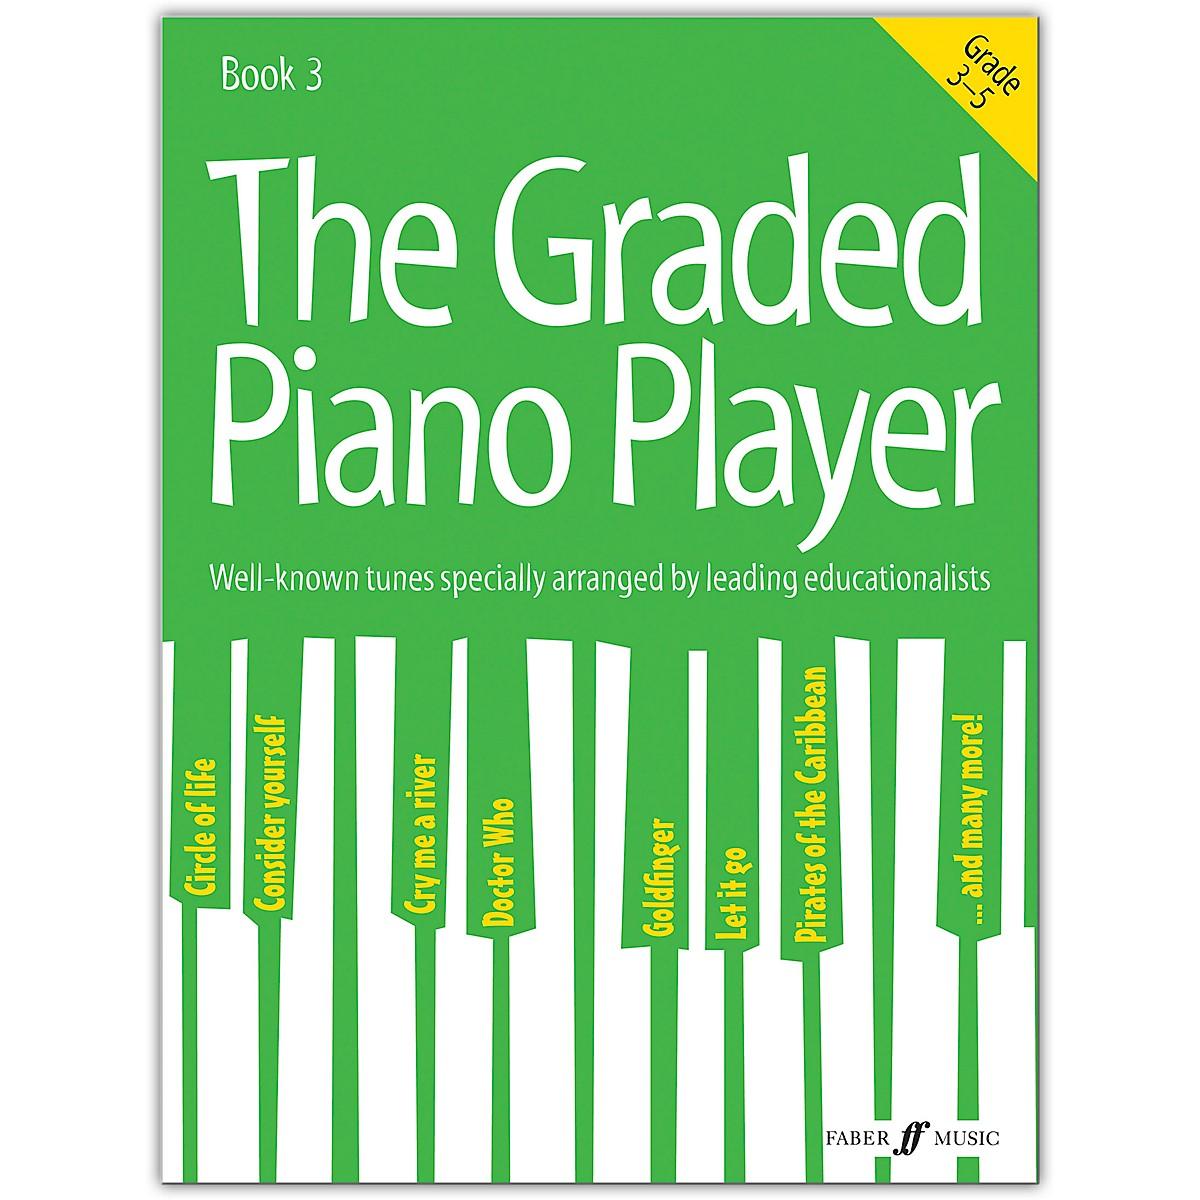 Faber Music LTD The Graded Piano Player, Book 3 (Grades 3-5)